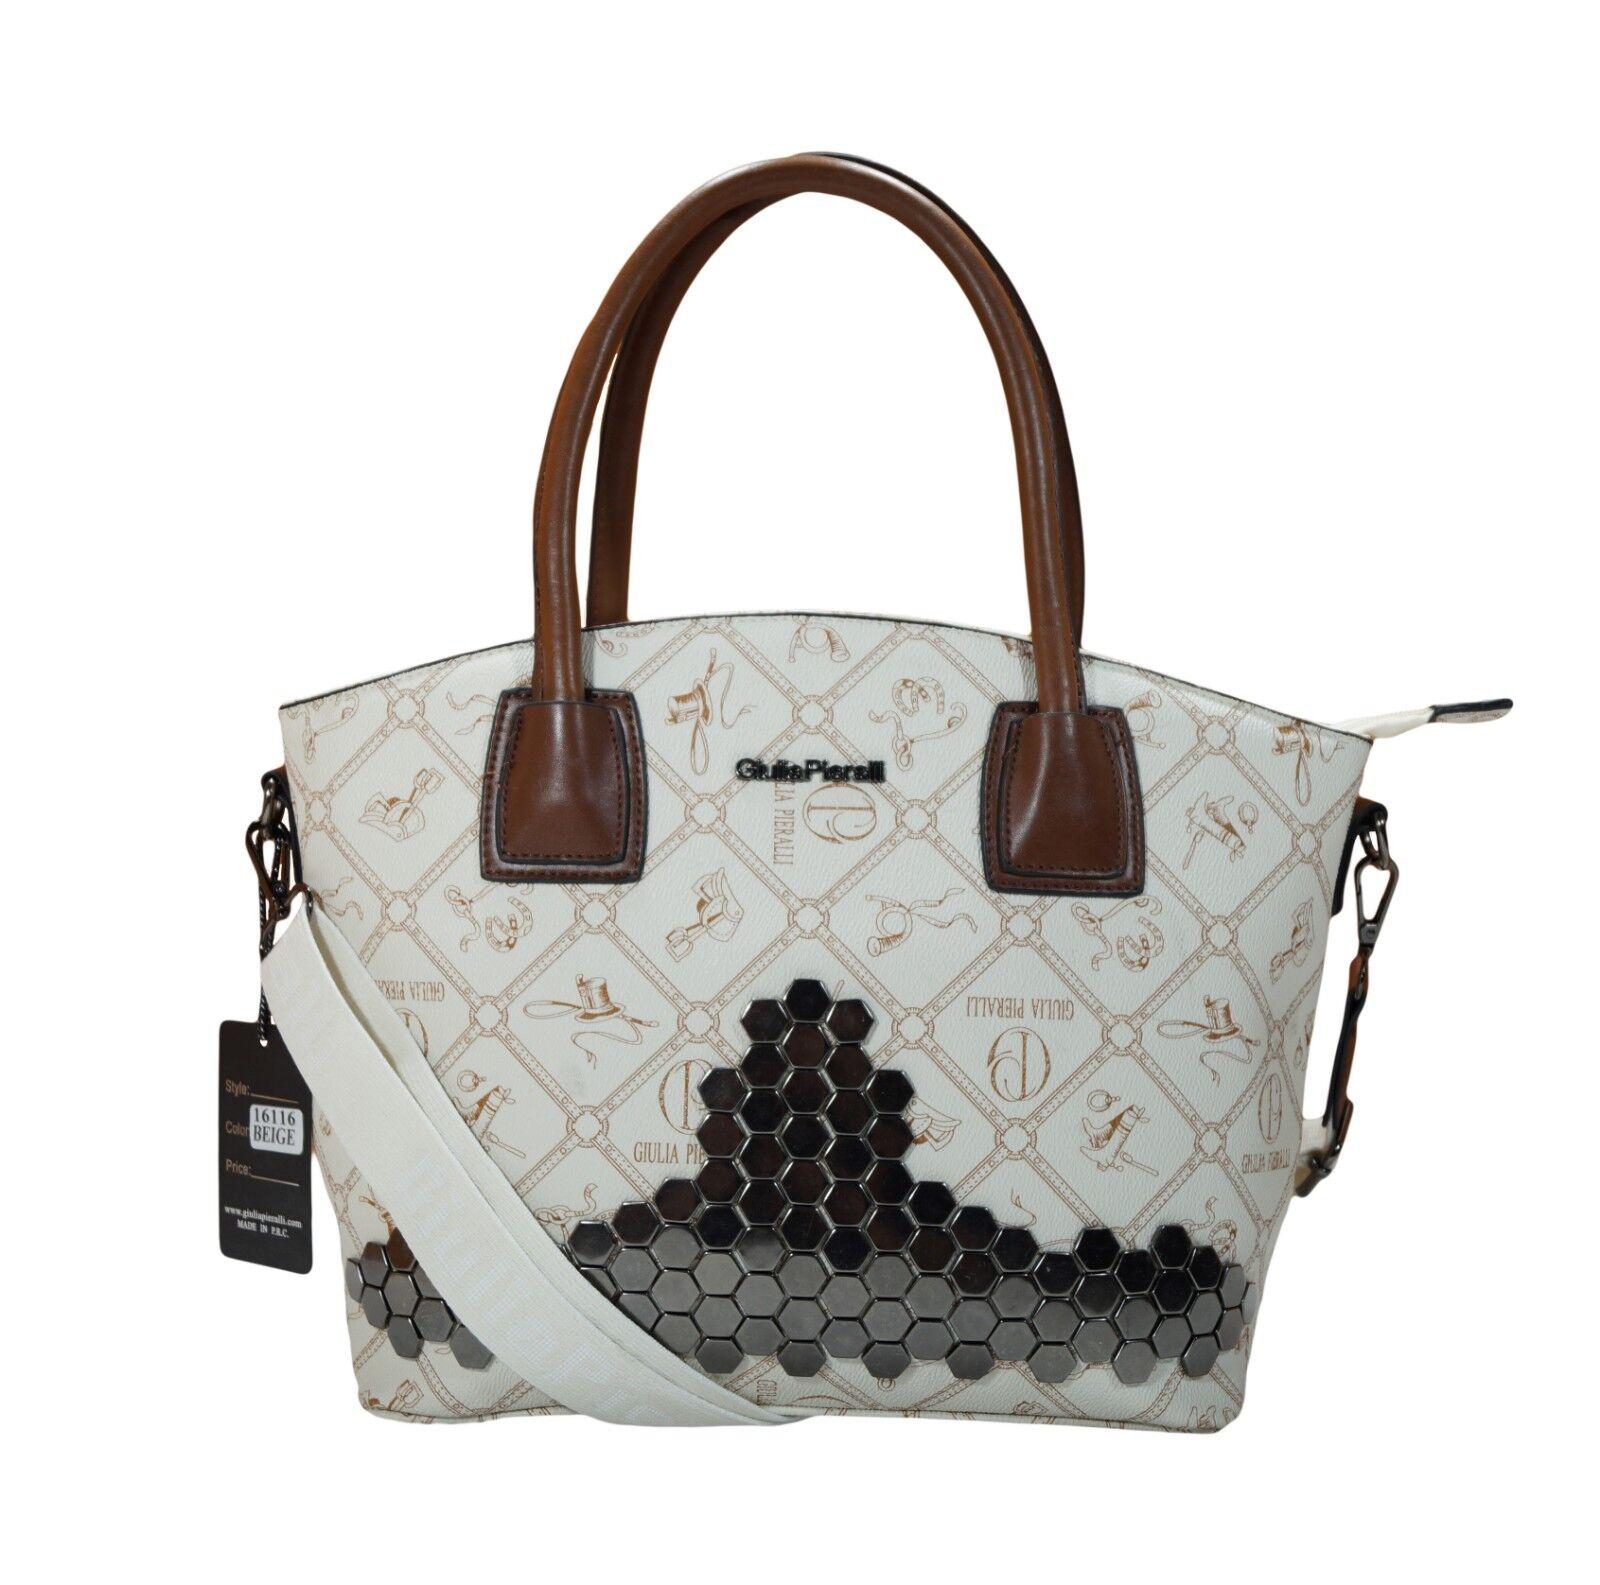 Damentasche Giulia Pieralli Pieralli Pieralli Handtasche Frauen Handtasche Henkeltasche Beige  | Outlet Store  | Gewinnen Sie das Lob der Kunden  | Deutschland Online Shop  1360e4